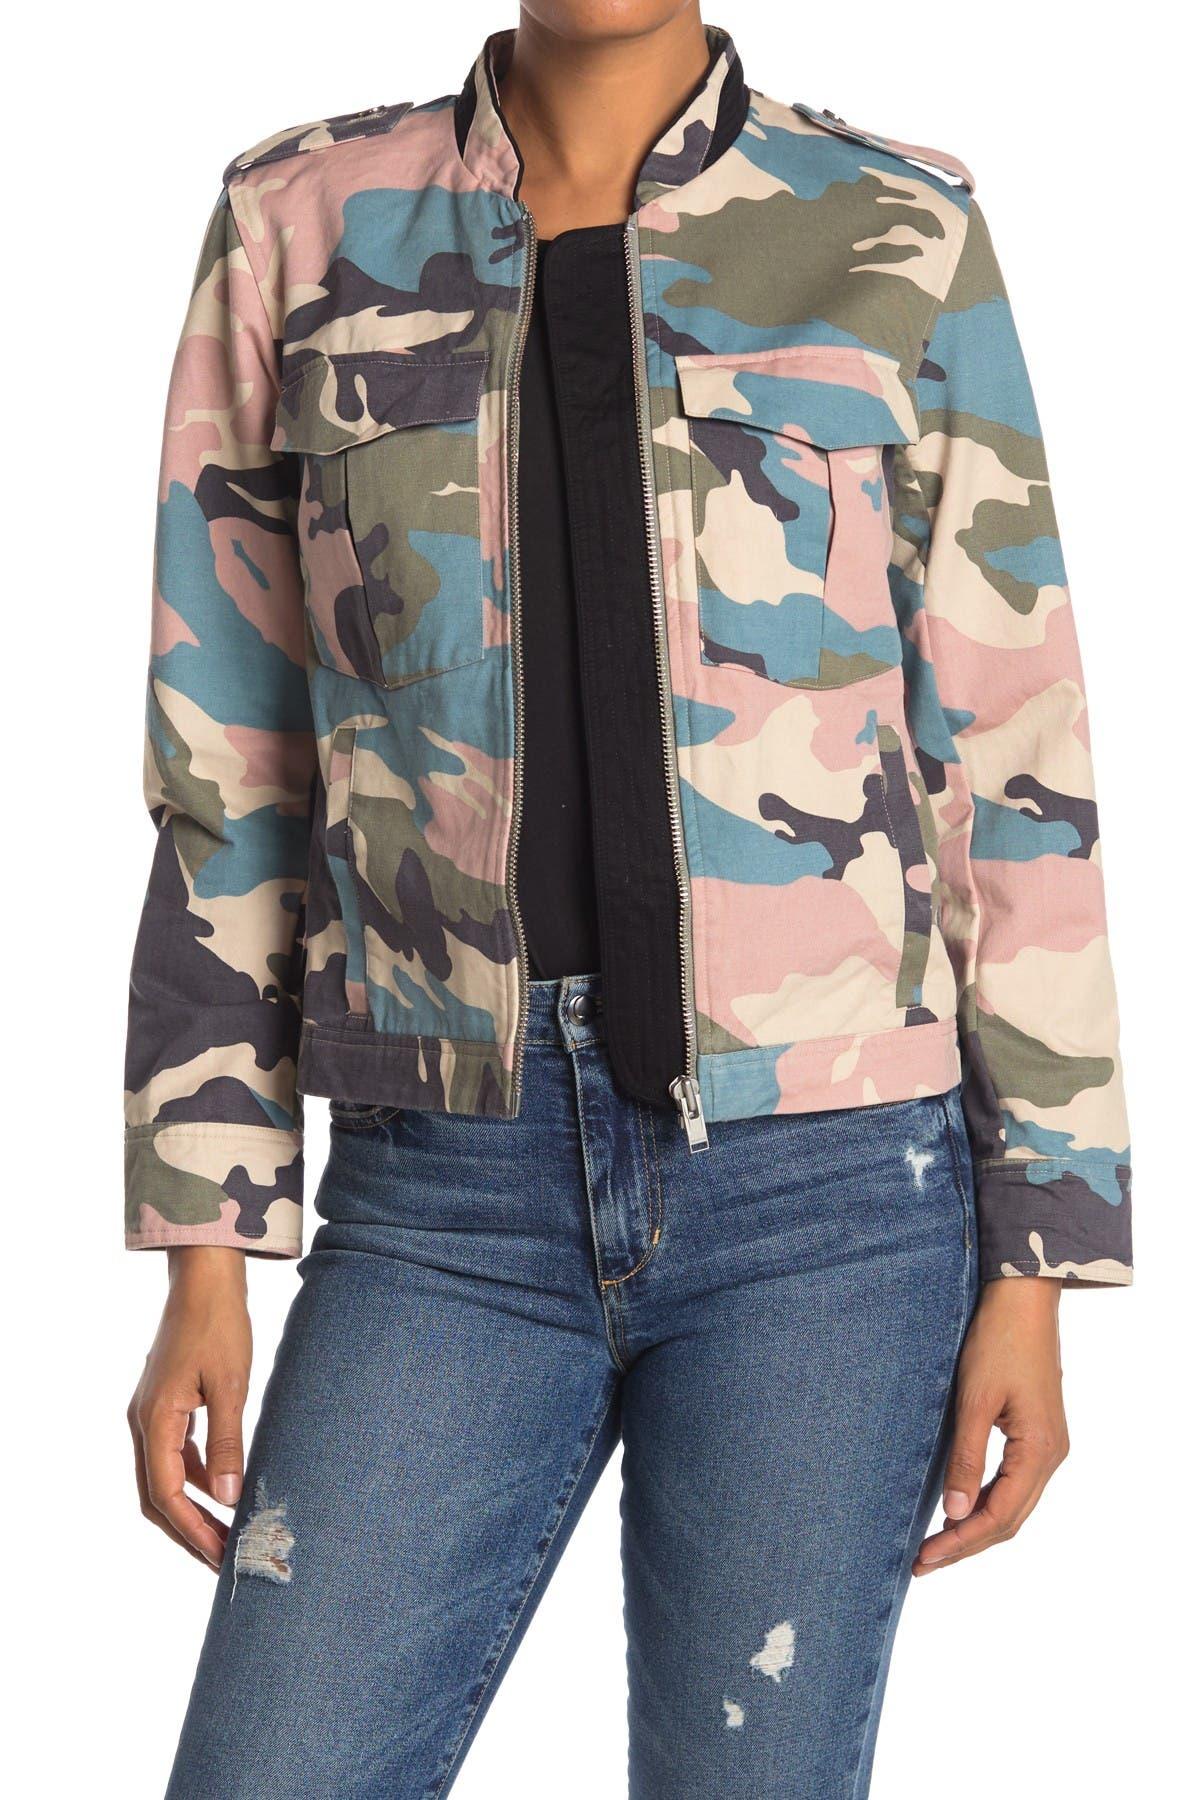 Image of Zadig & Voltaire Kavy Camo Print Jacket